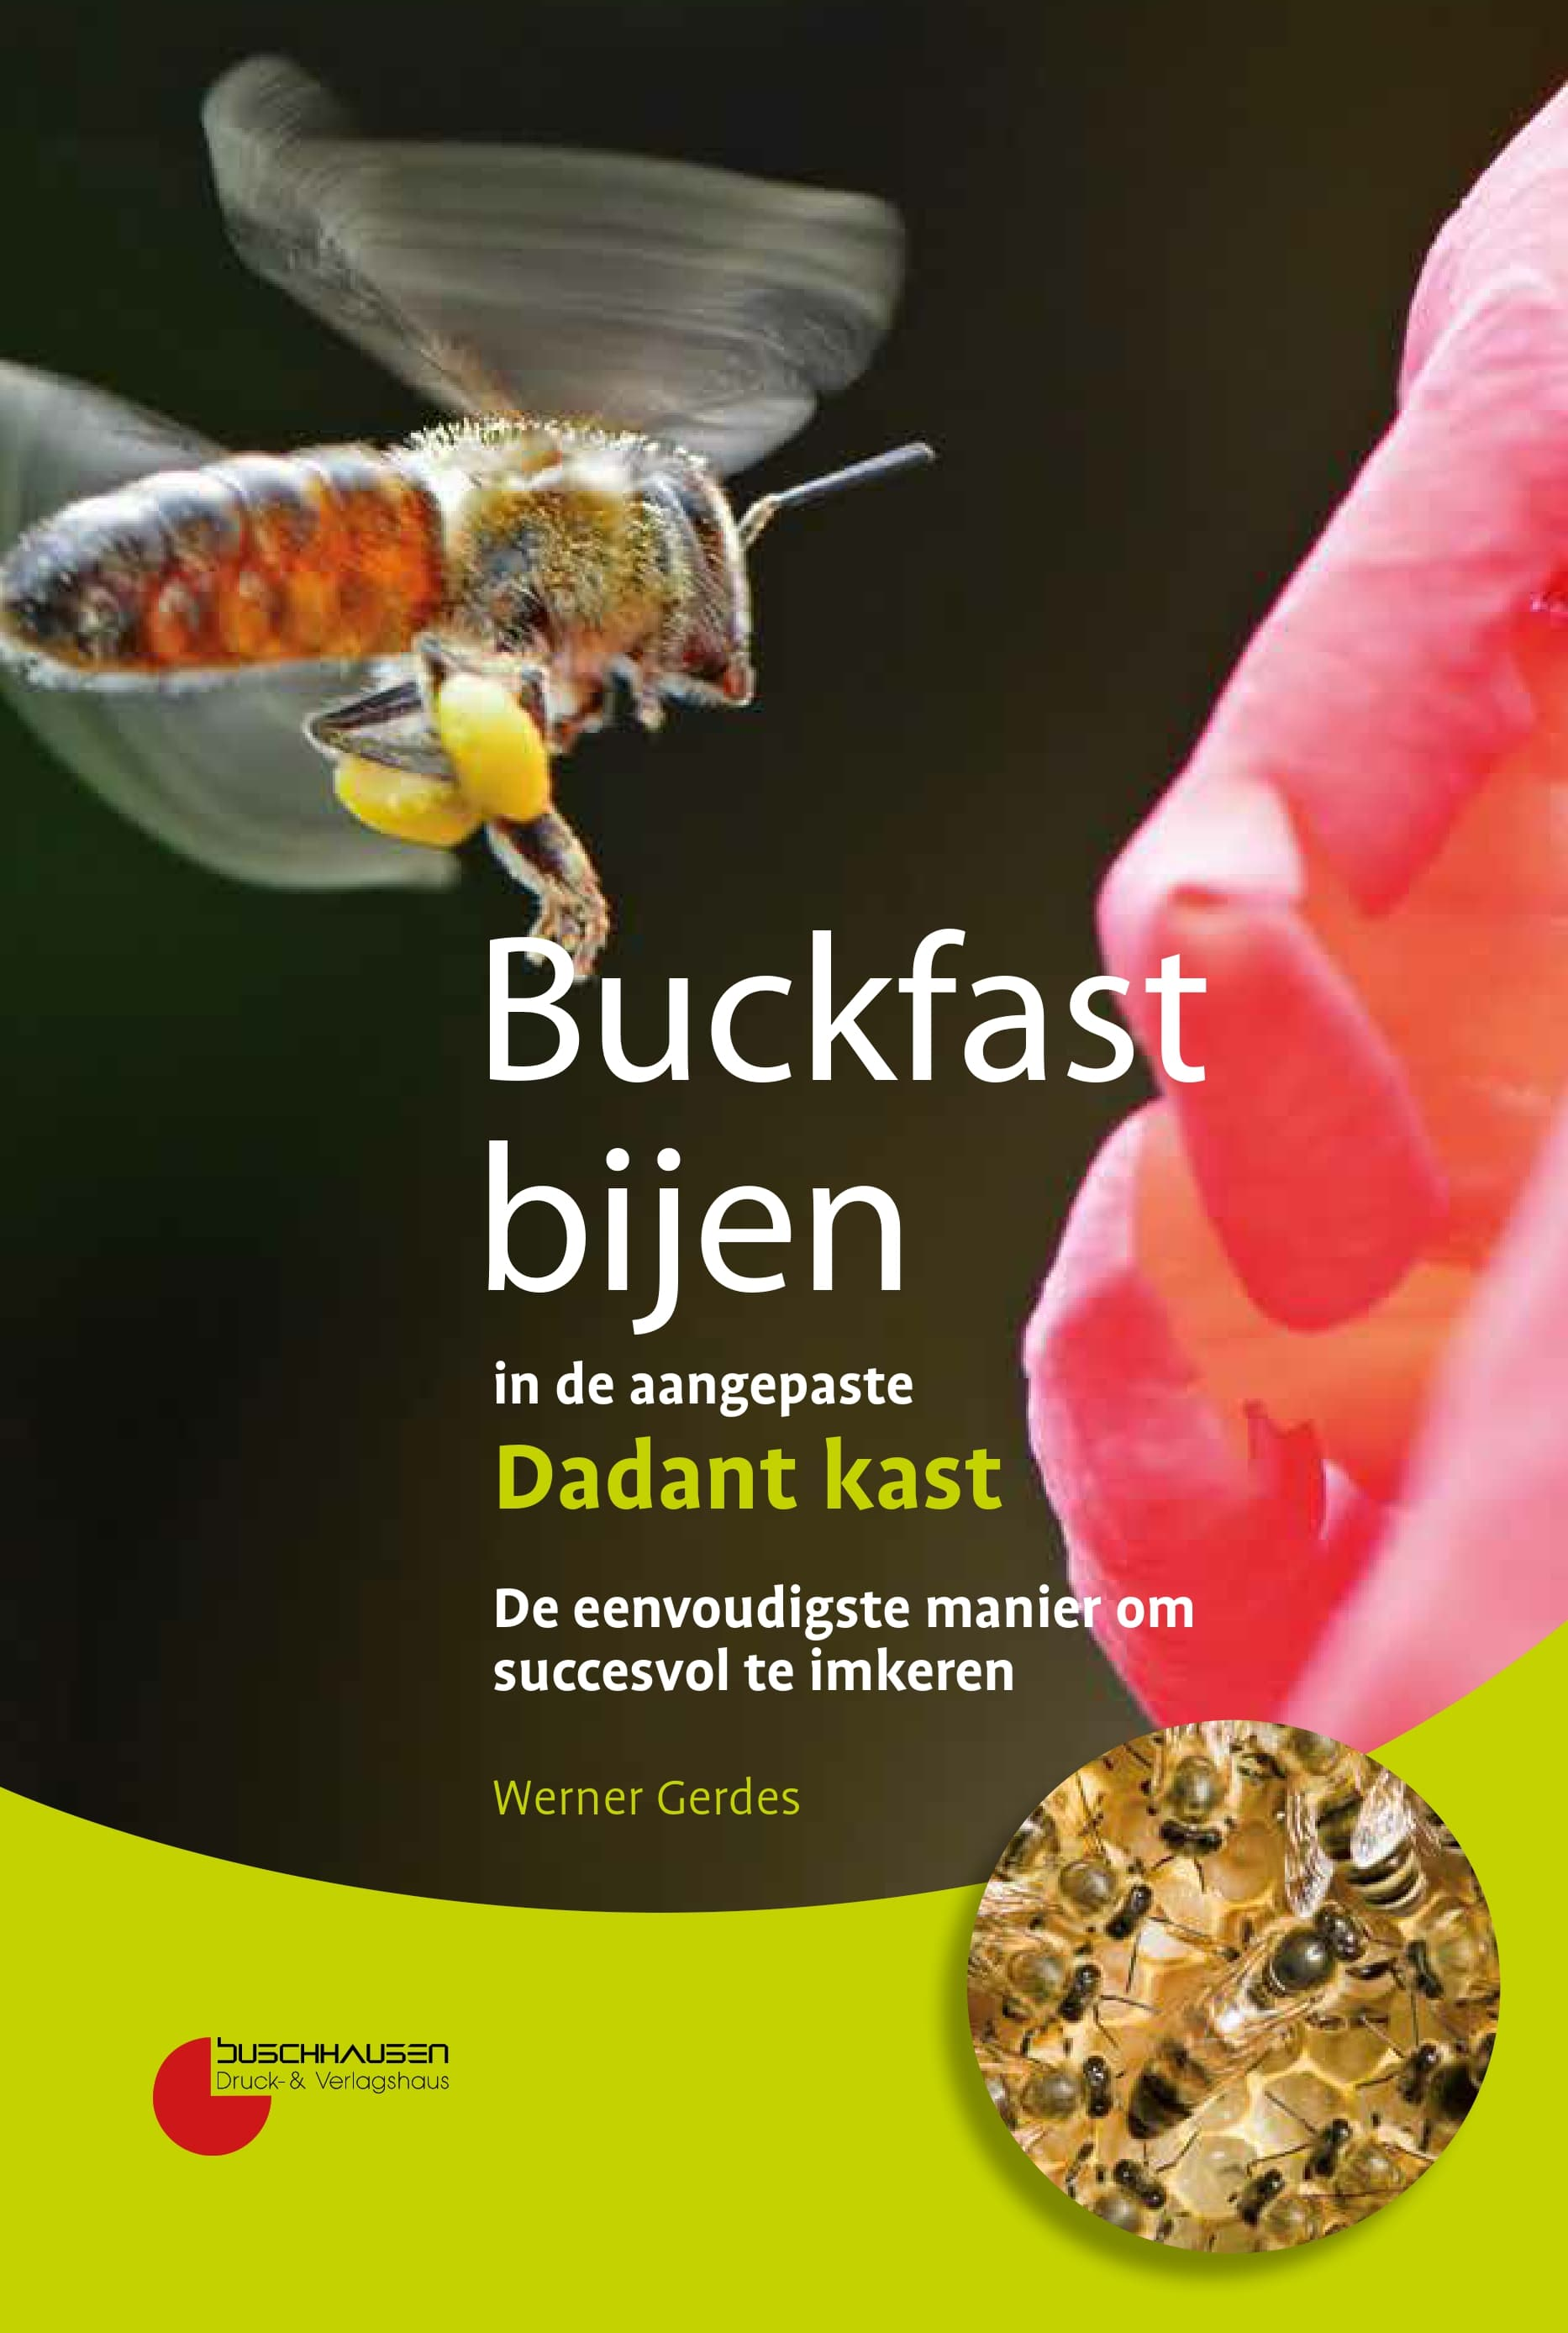 Buckfast bijen in den aangepaste Dadant kast, W. Gerdes, Buschhausen Verlag